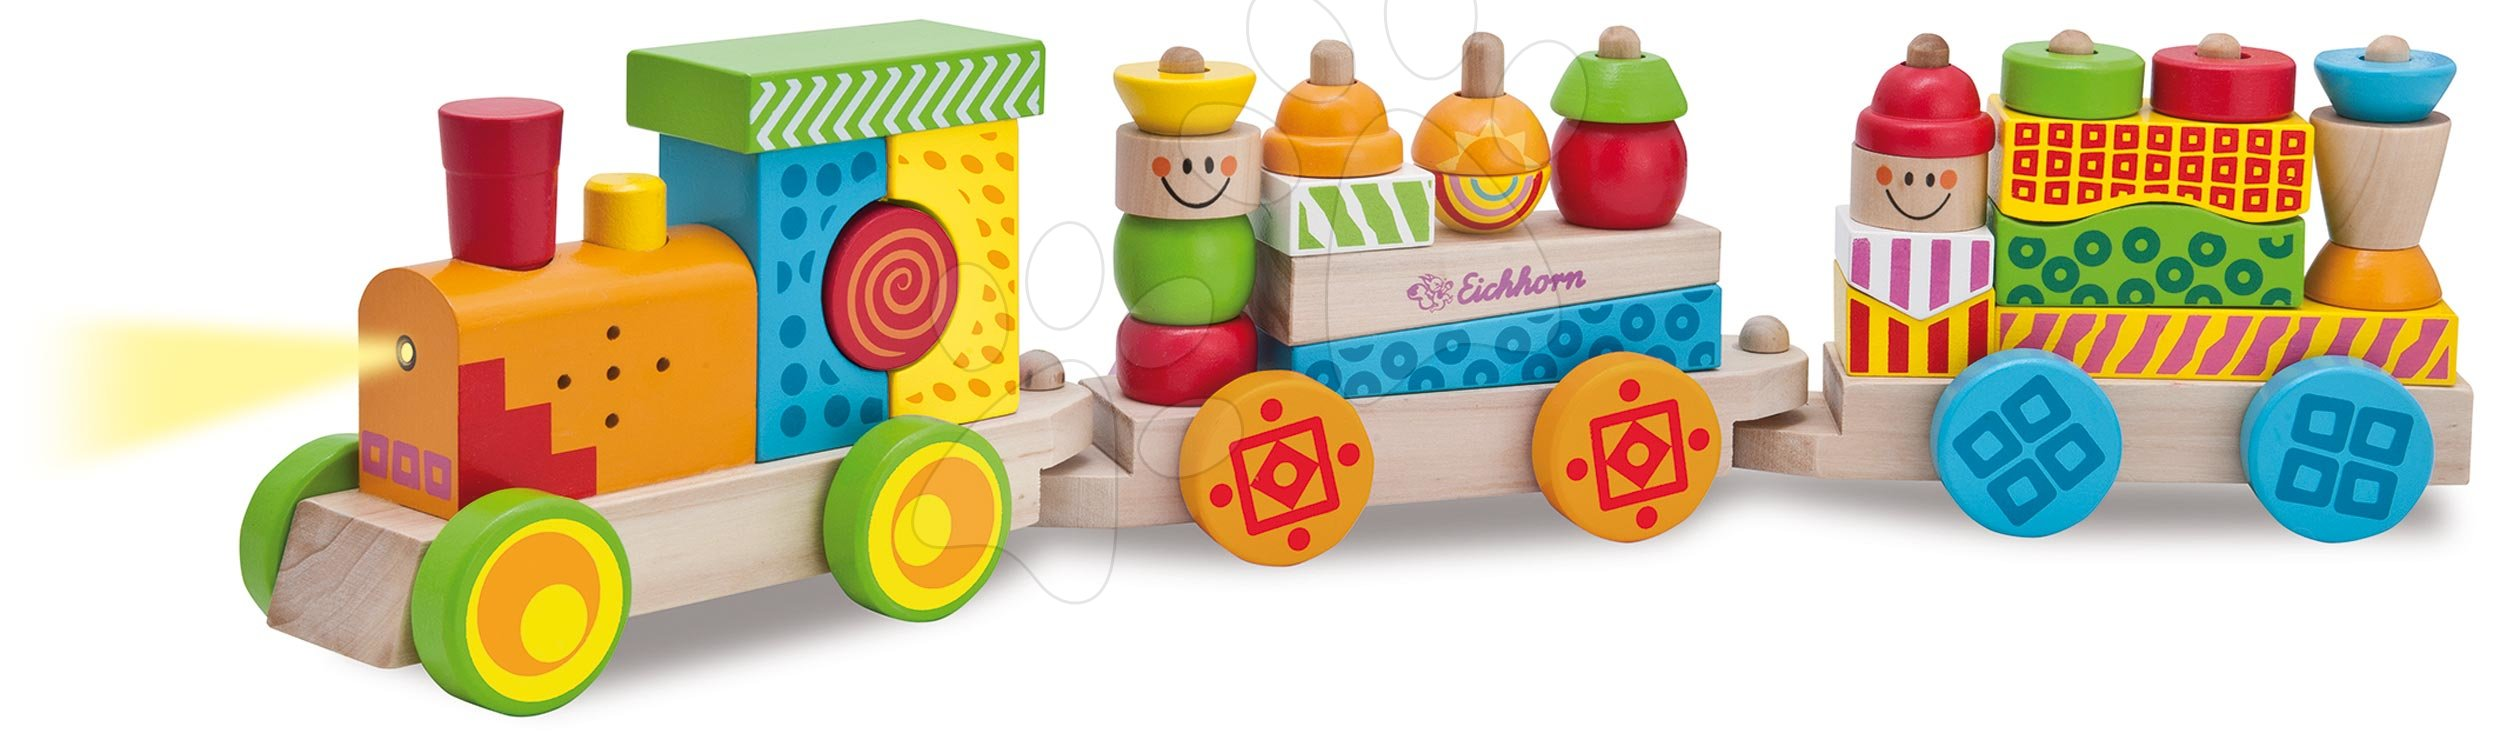 Trenuleț din lemn cu sunete și lumini Color Train With Light and Sound Eichhorn vagoane cu 28 cuburi 31 piese 59 cm lungime de la 12 luni